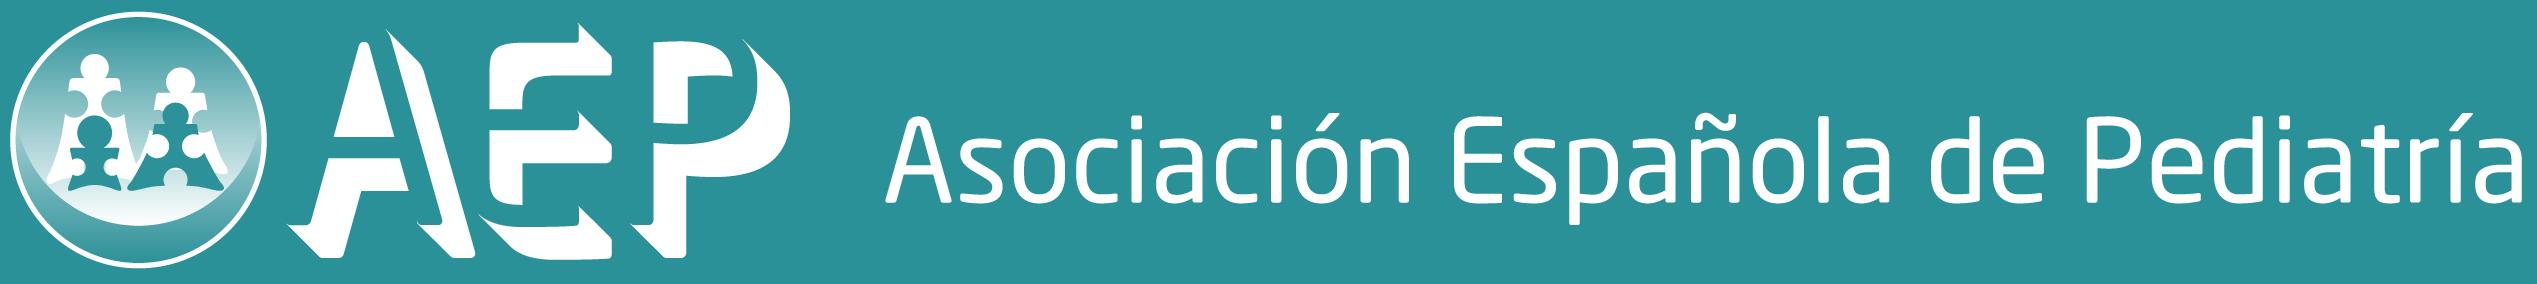 Asociación Española de Pediatría logo